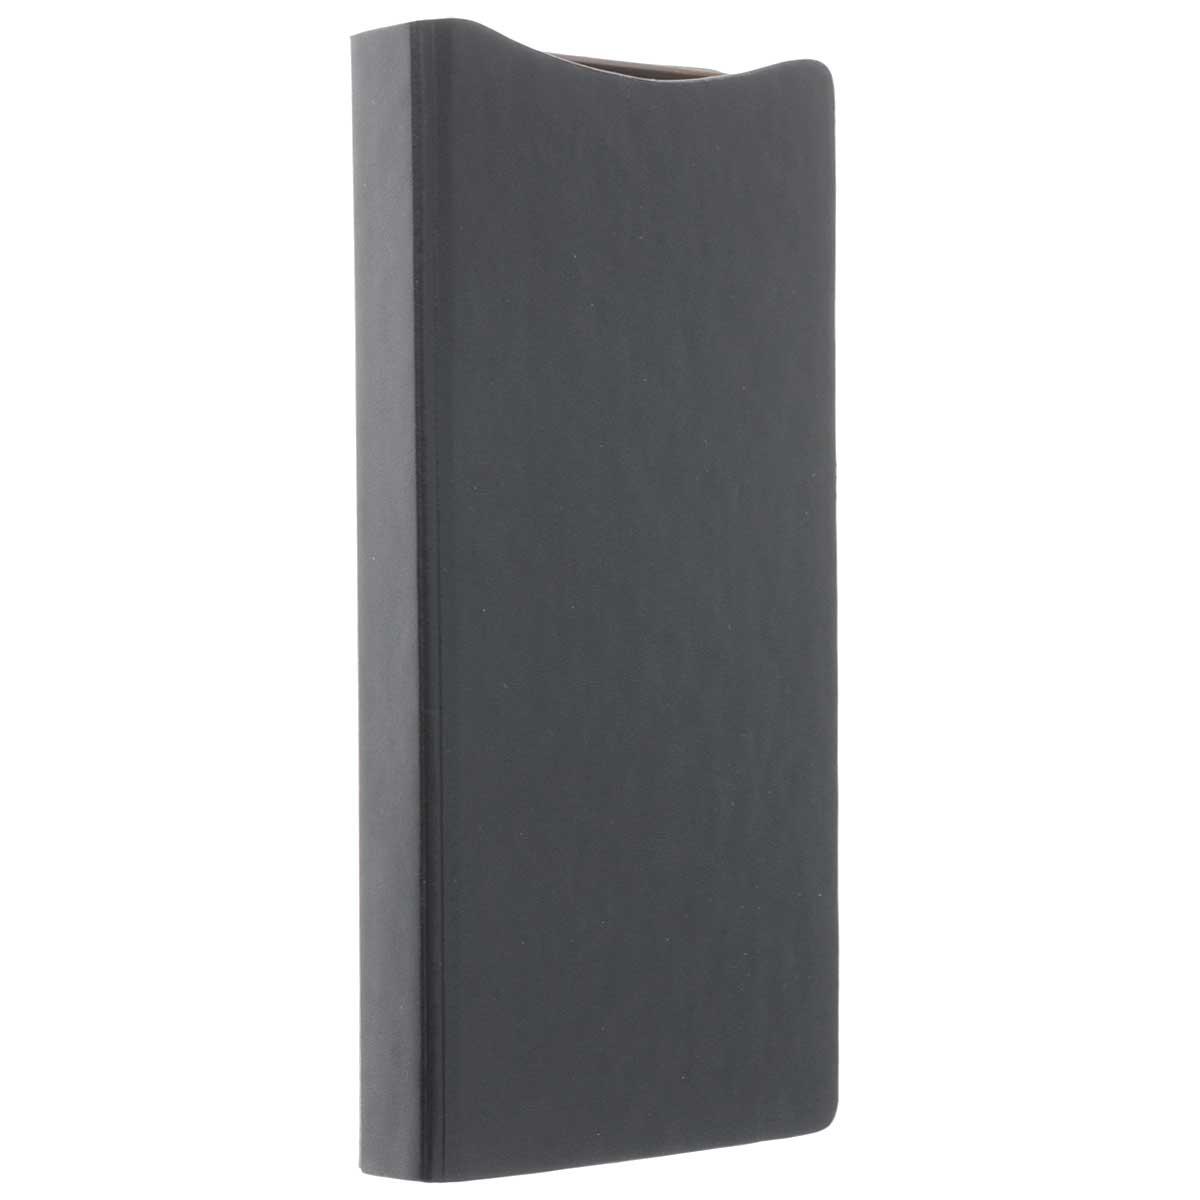 Avoc Toscana Diary чехол для Sony Xperia Z2, Black769249Avoc Toscana Diary для Sony Xperia Z2 - стильный аксессуар, который защитит ваше мобильное устройство от внешних воздействий, грязи, пыли, брызг. Чехол также поможет при ударах и падениях, смягчая удары, не позволяя образовываться на корпусе царапинам и потертостям. Обеспечивает свободный доступ ко всем разъемам и клавишам устройства.